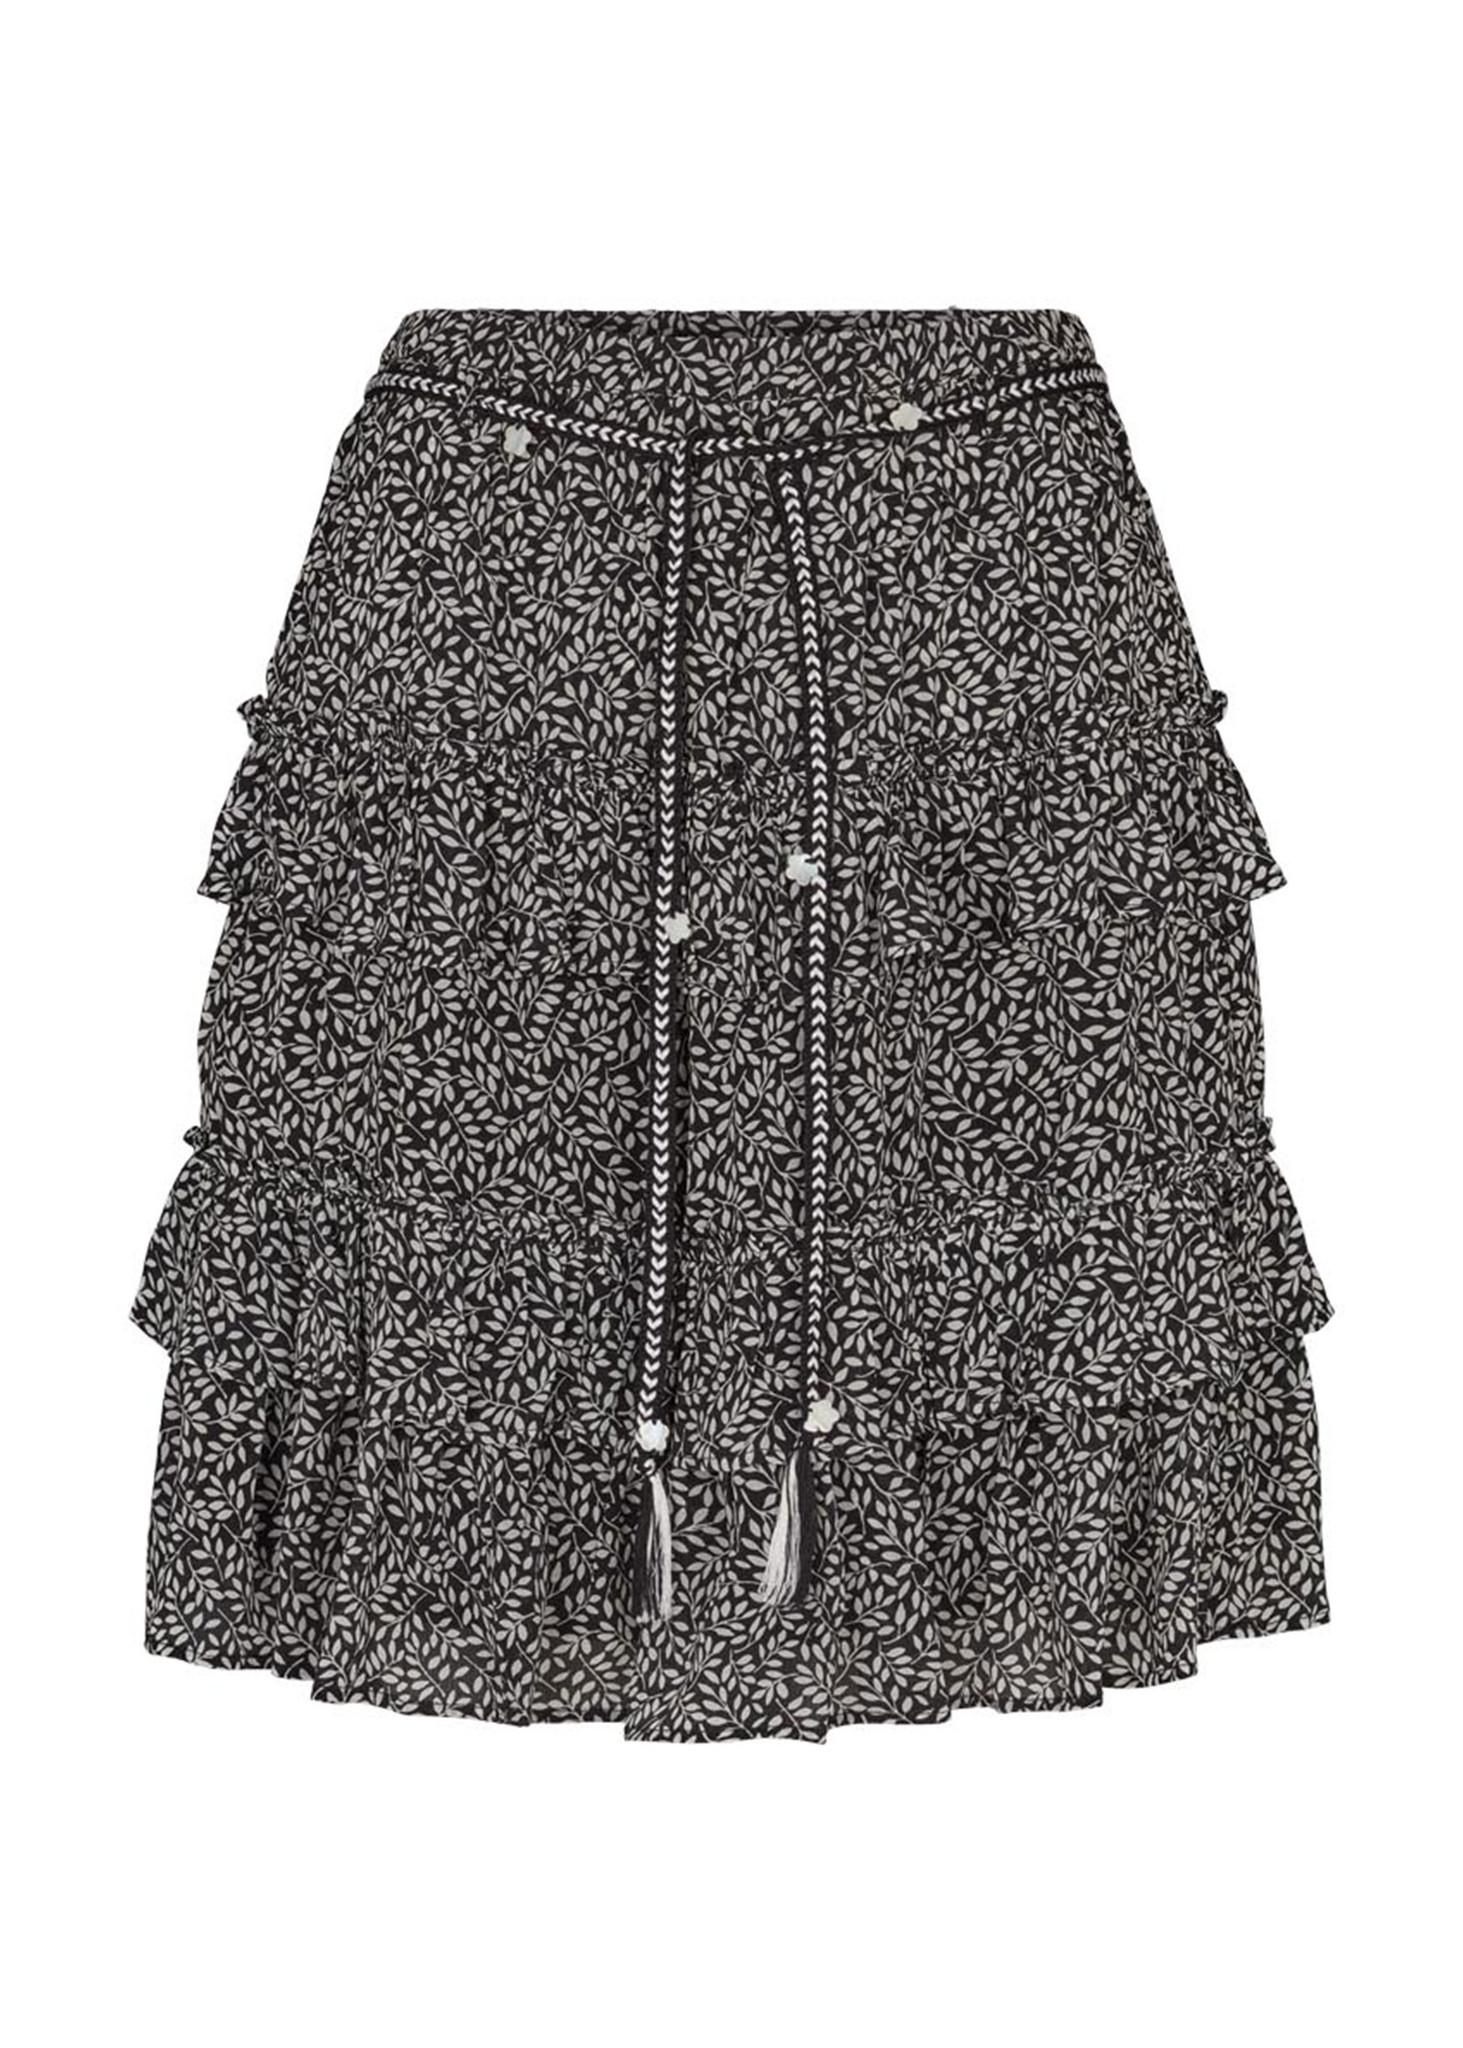 Harmoni Skirt Black-1